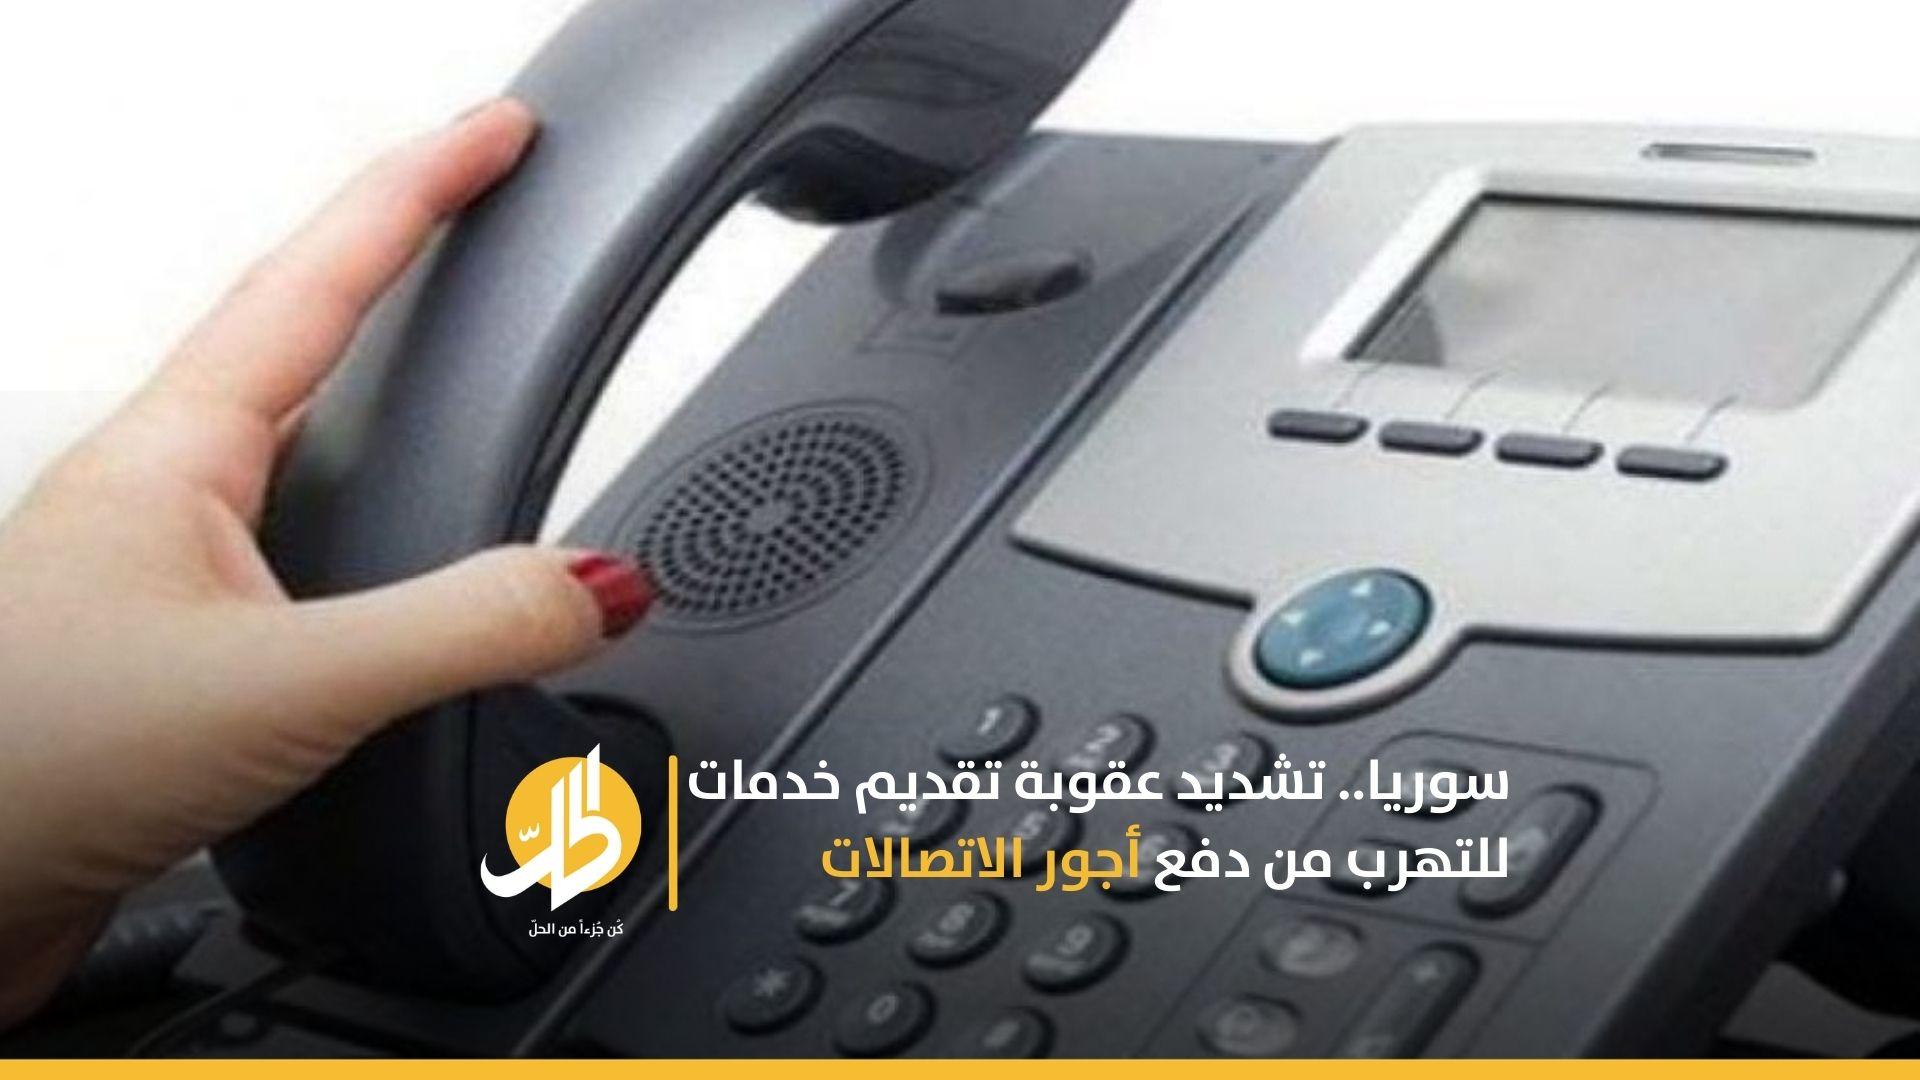 سوريا.. تشديد عقوبة تقديم خدمات للتهرب من دفع أجور الاتصالات